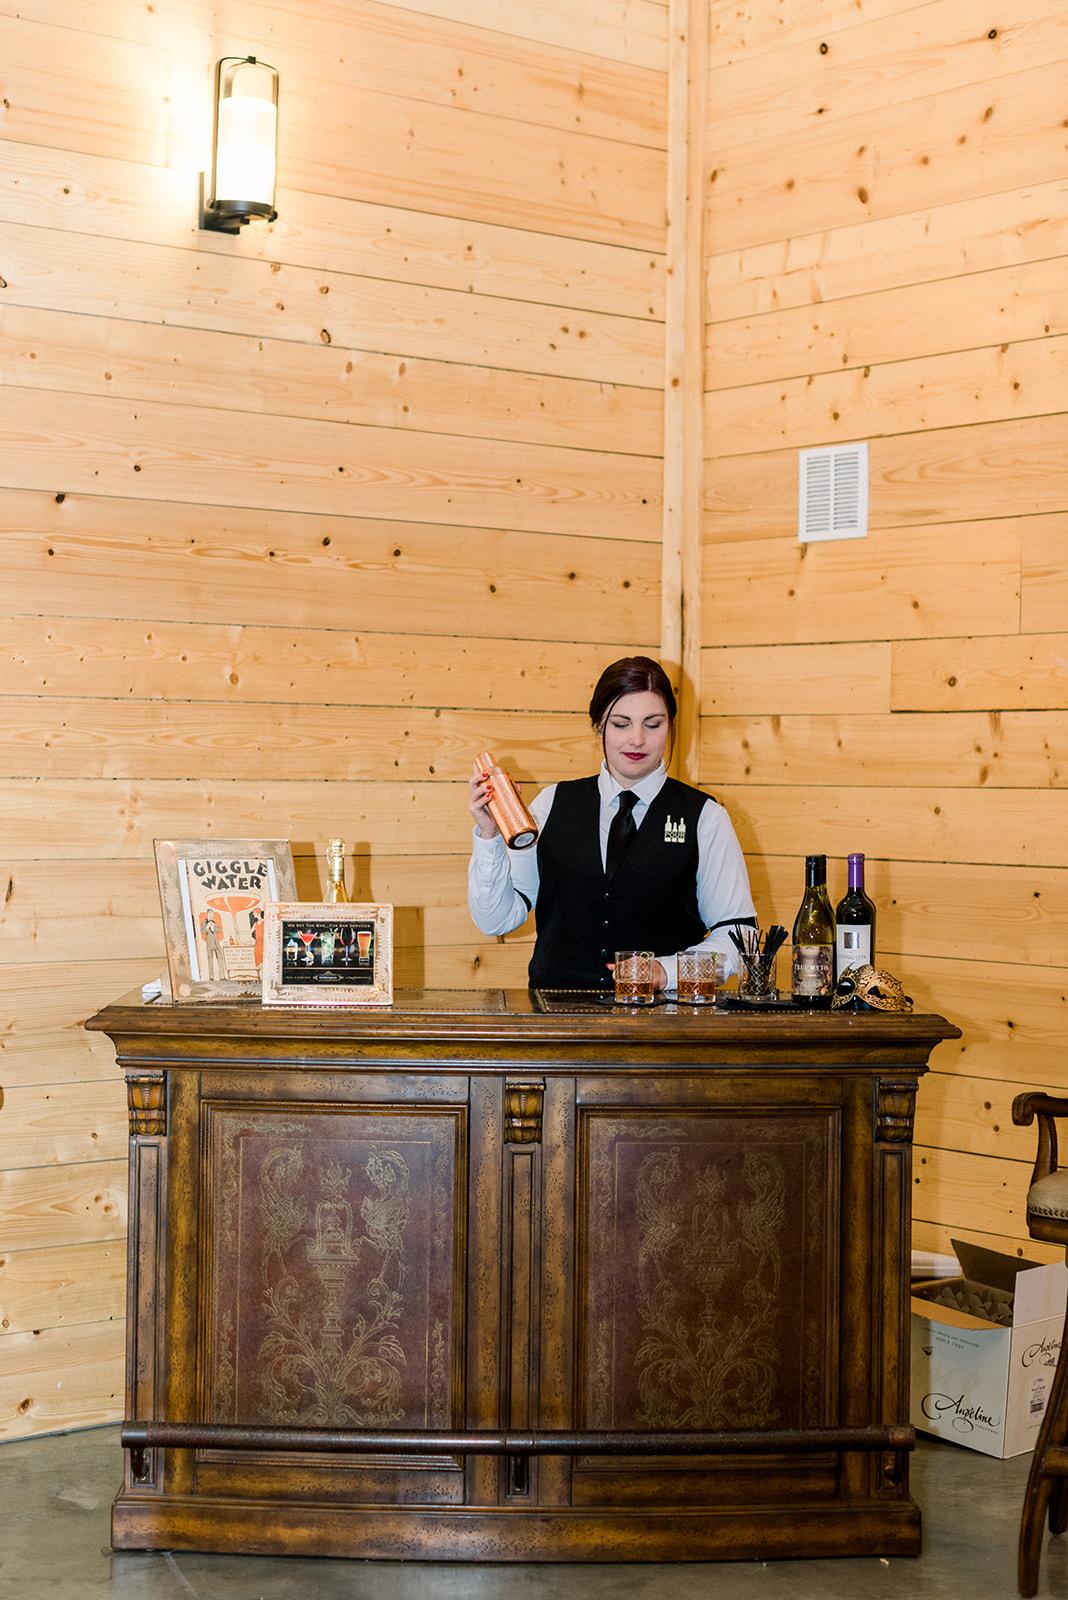 Bar services by POUR Bar